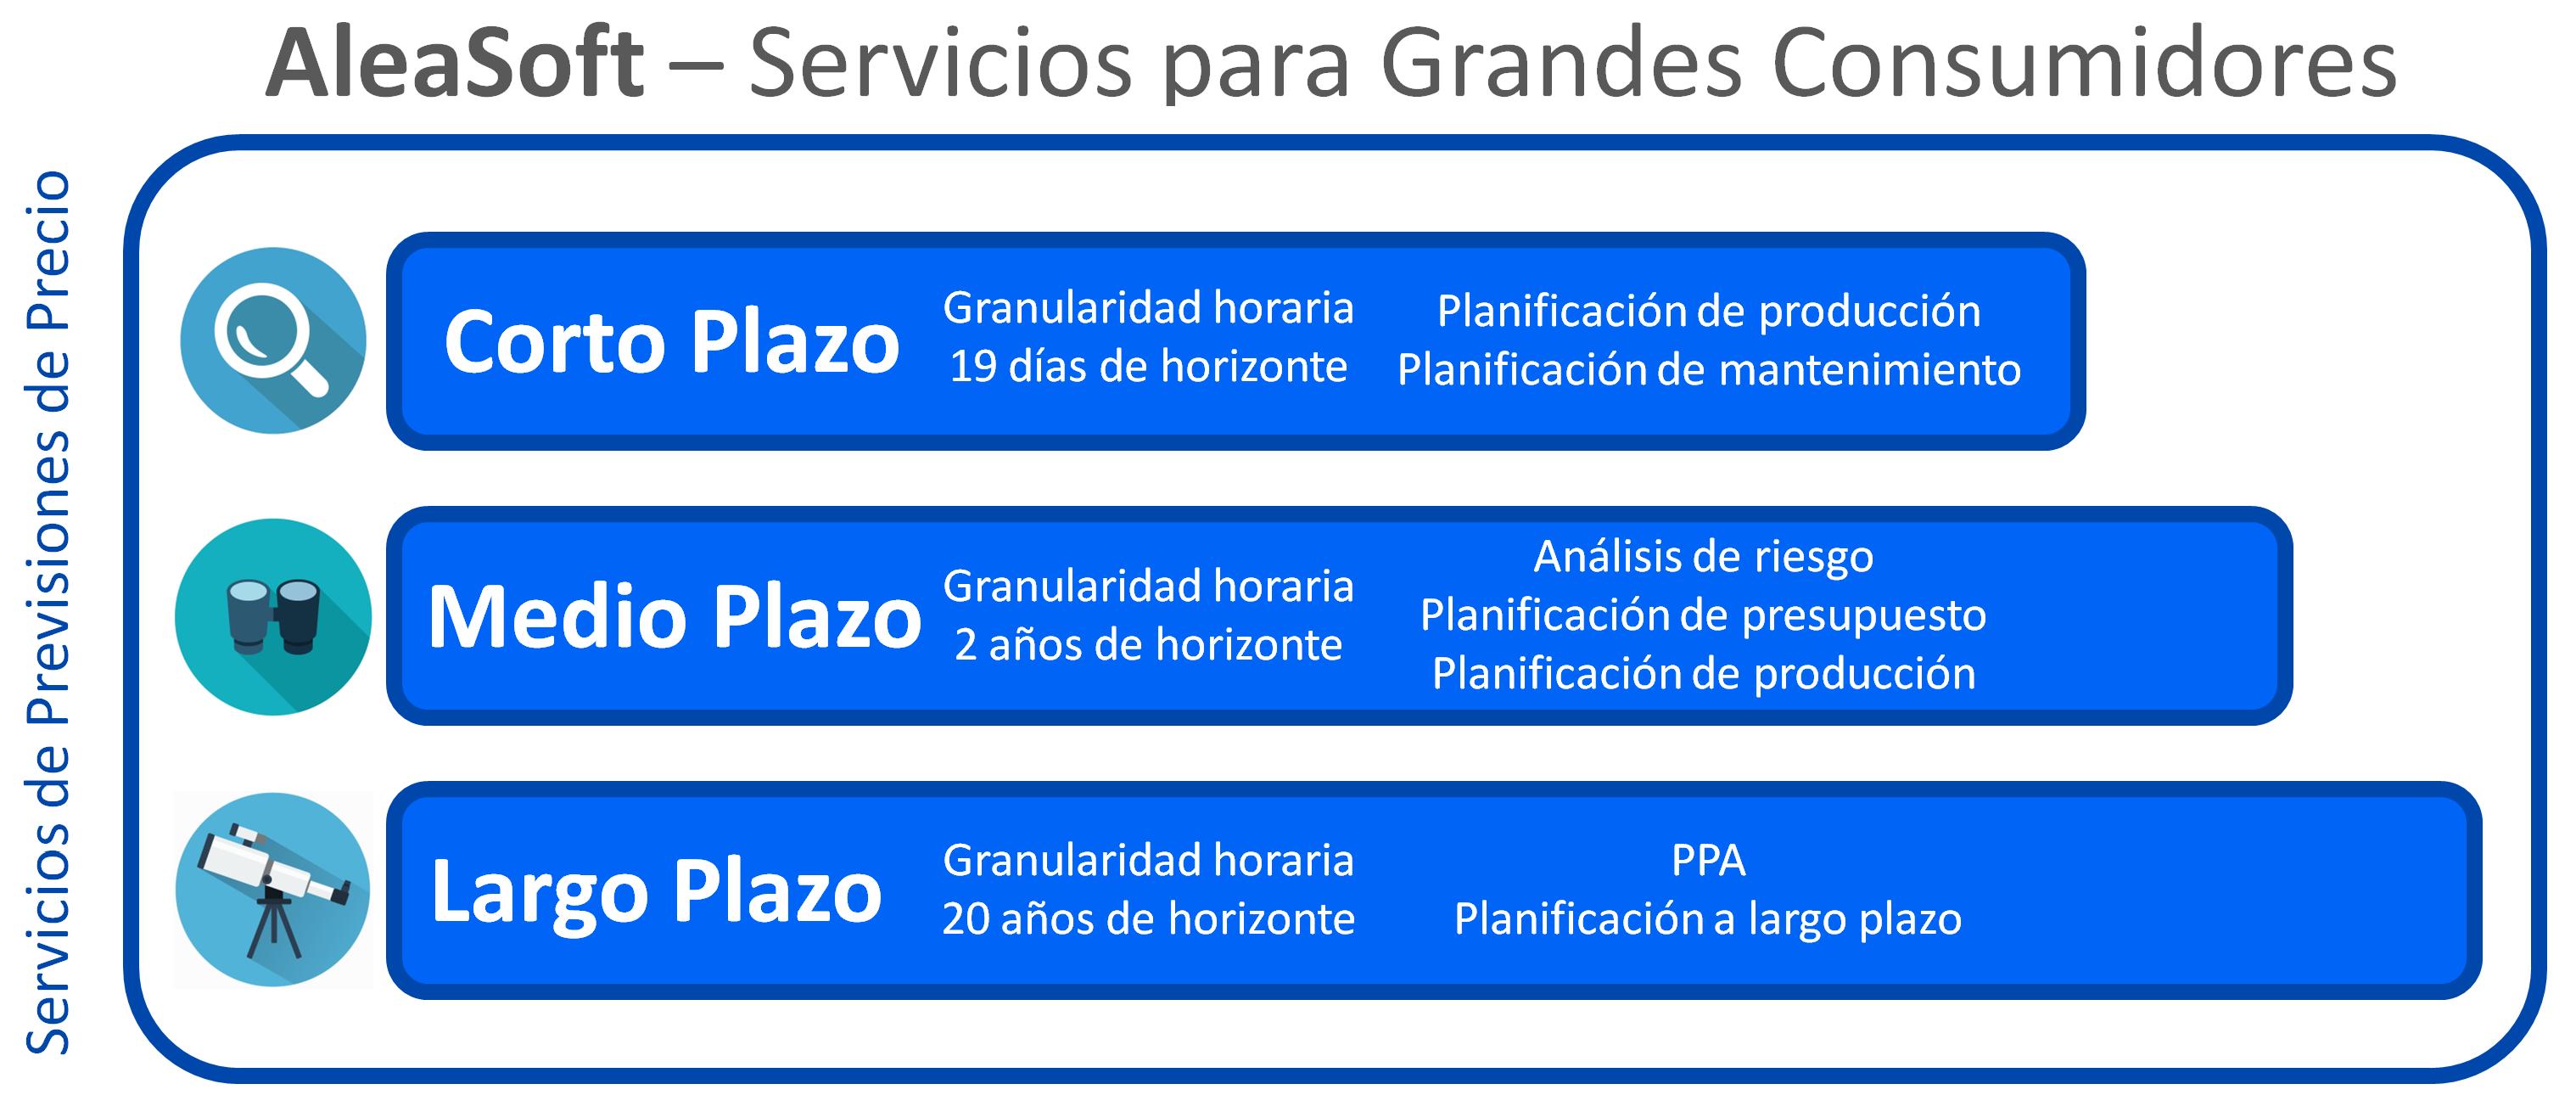 AleaSoft - Servicios para grandes consumidores de electricidad